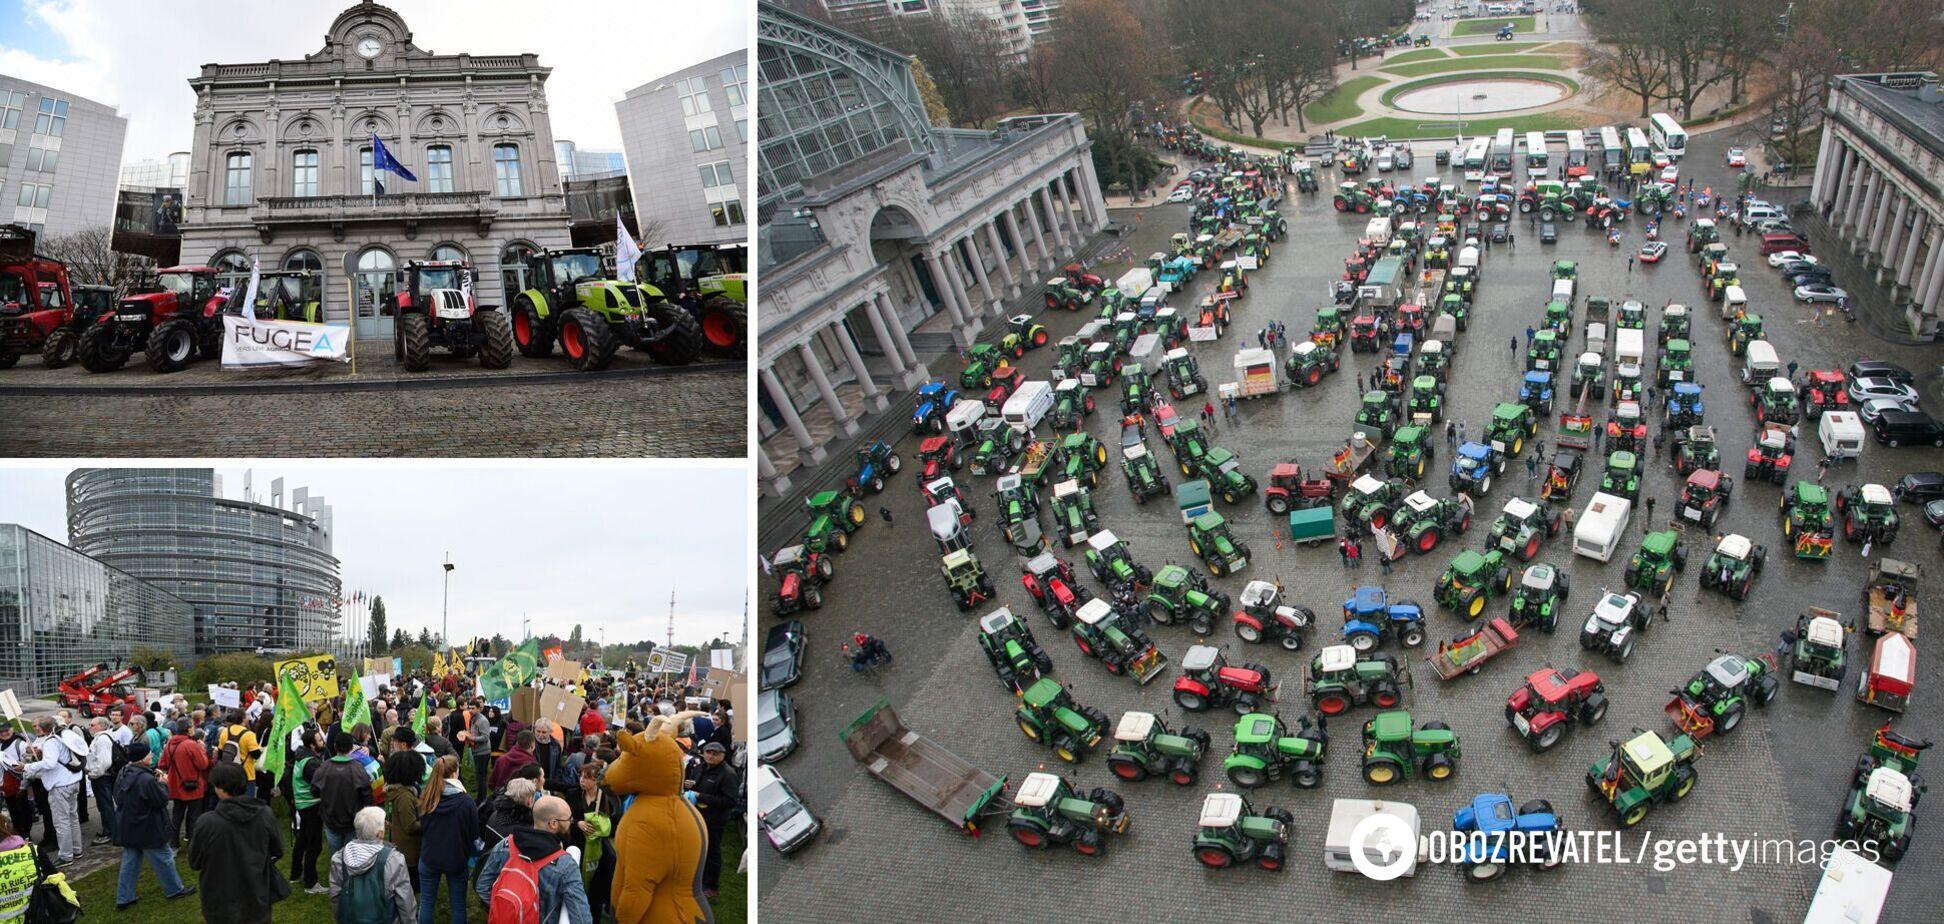 Почти 1,5 тысячи тракторов блокировали движение у Европарламента. Фото и видео масштабного протеста